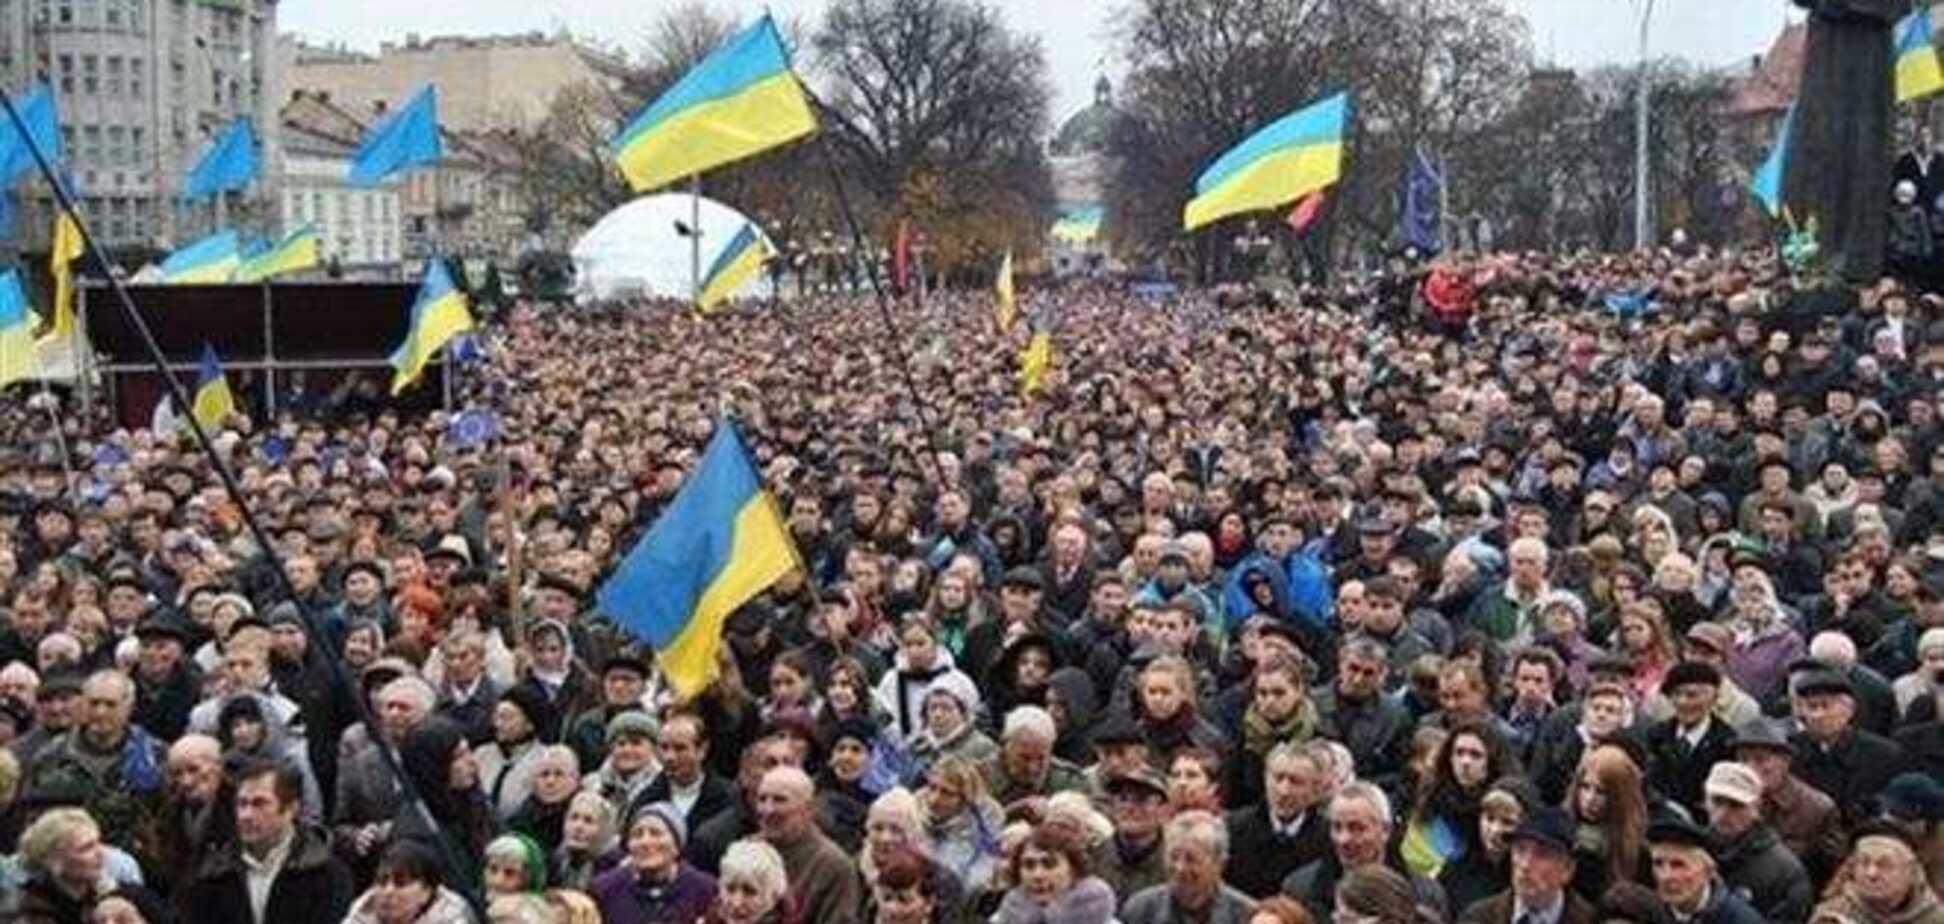 Западные области из-за Евромайдана могут недополучить бюджетную помощь – Азаров